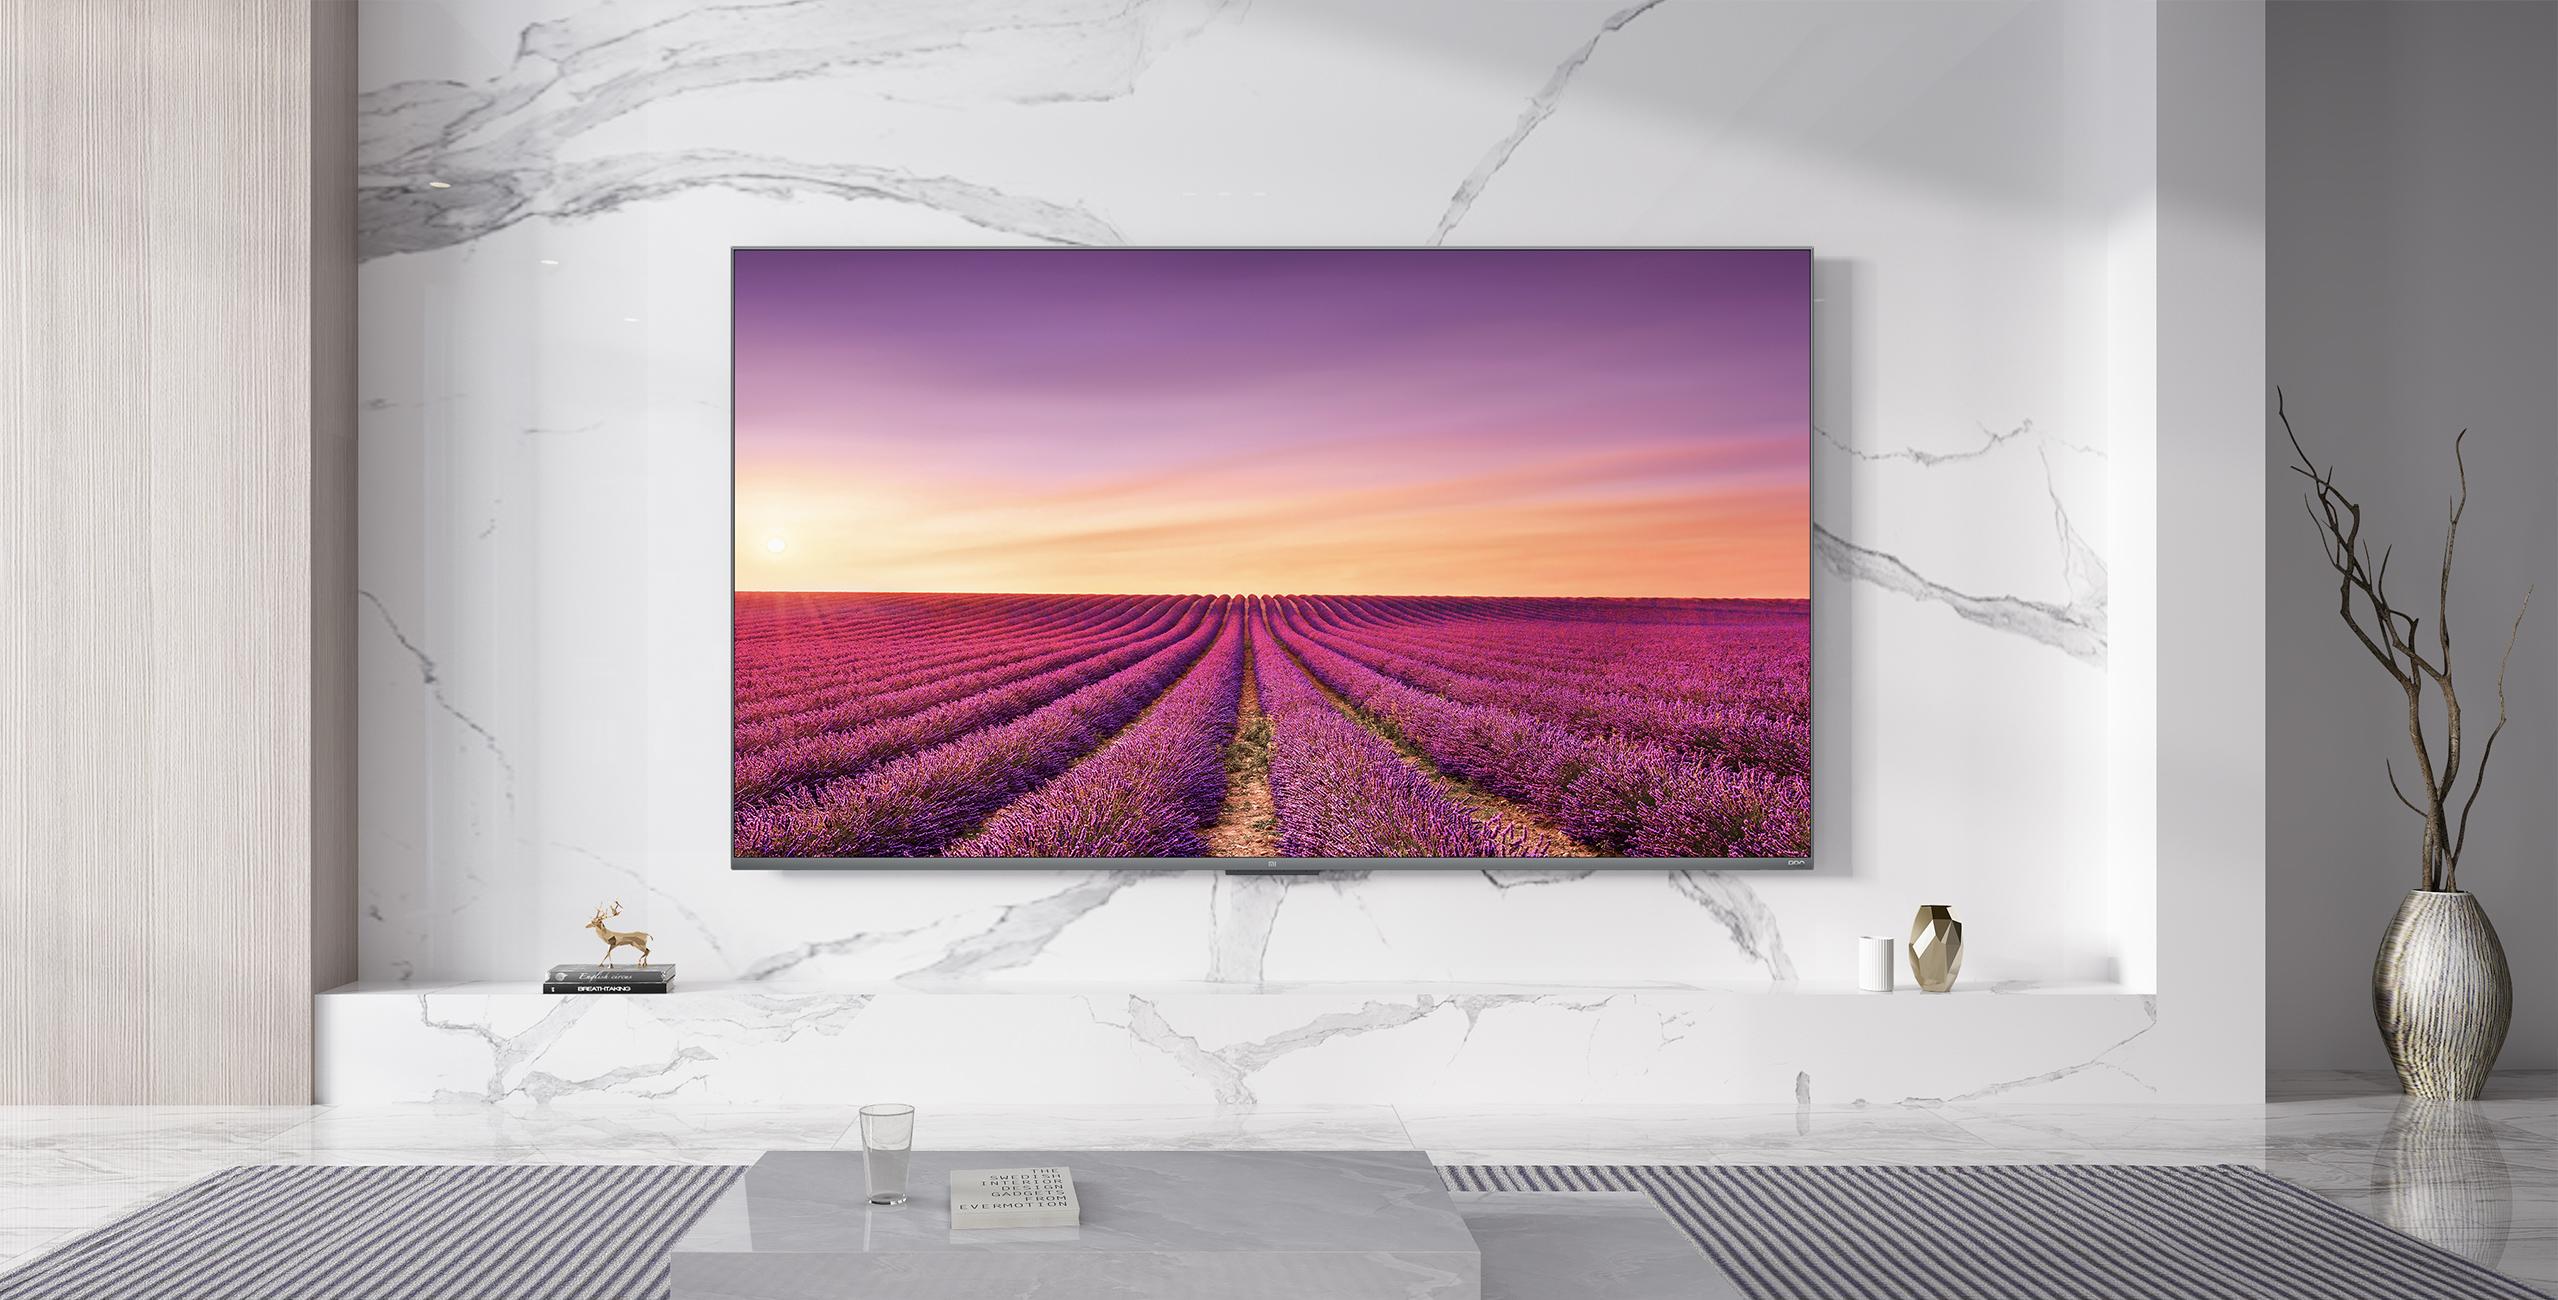 Dos nuevos televisores de 60 y 75 pulgadas son algunos de los nuevos productos lanzados por Xiaomi en su MFF 2020. Noticias Xiaomi Adictos